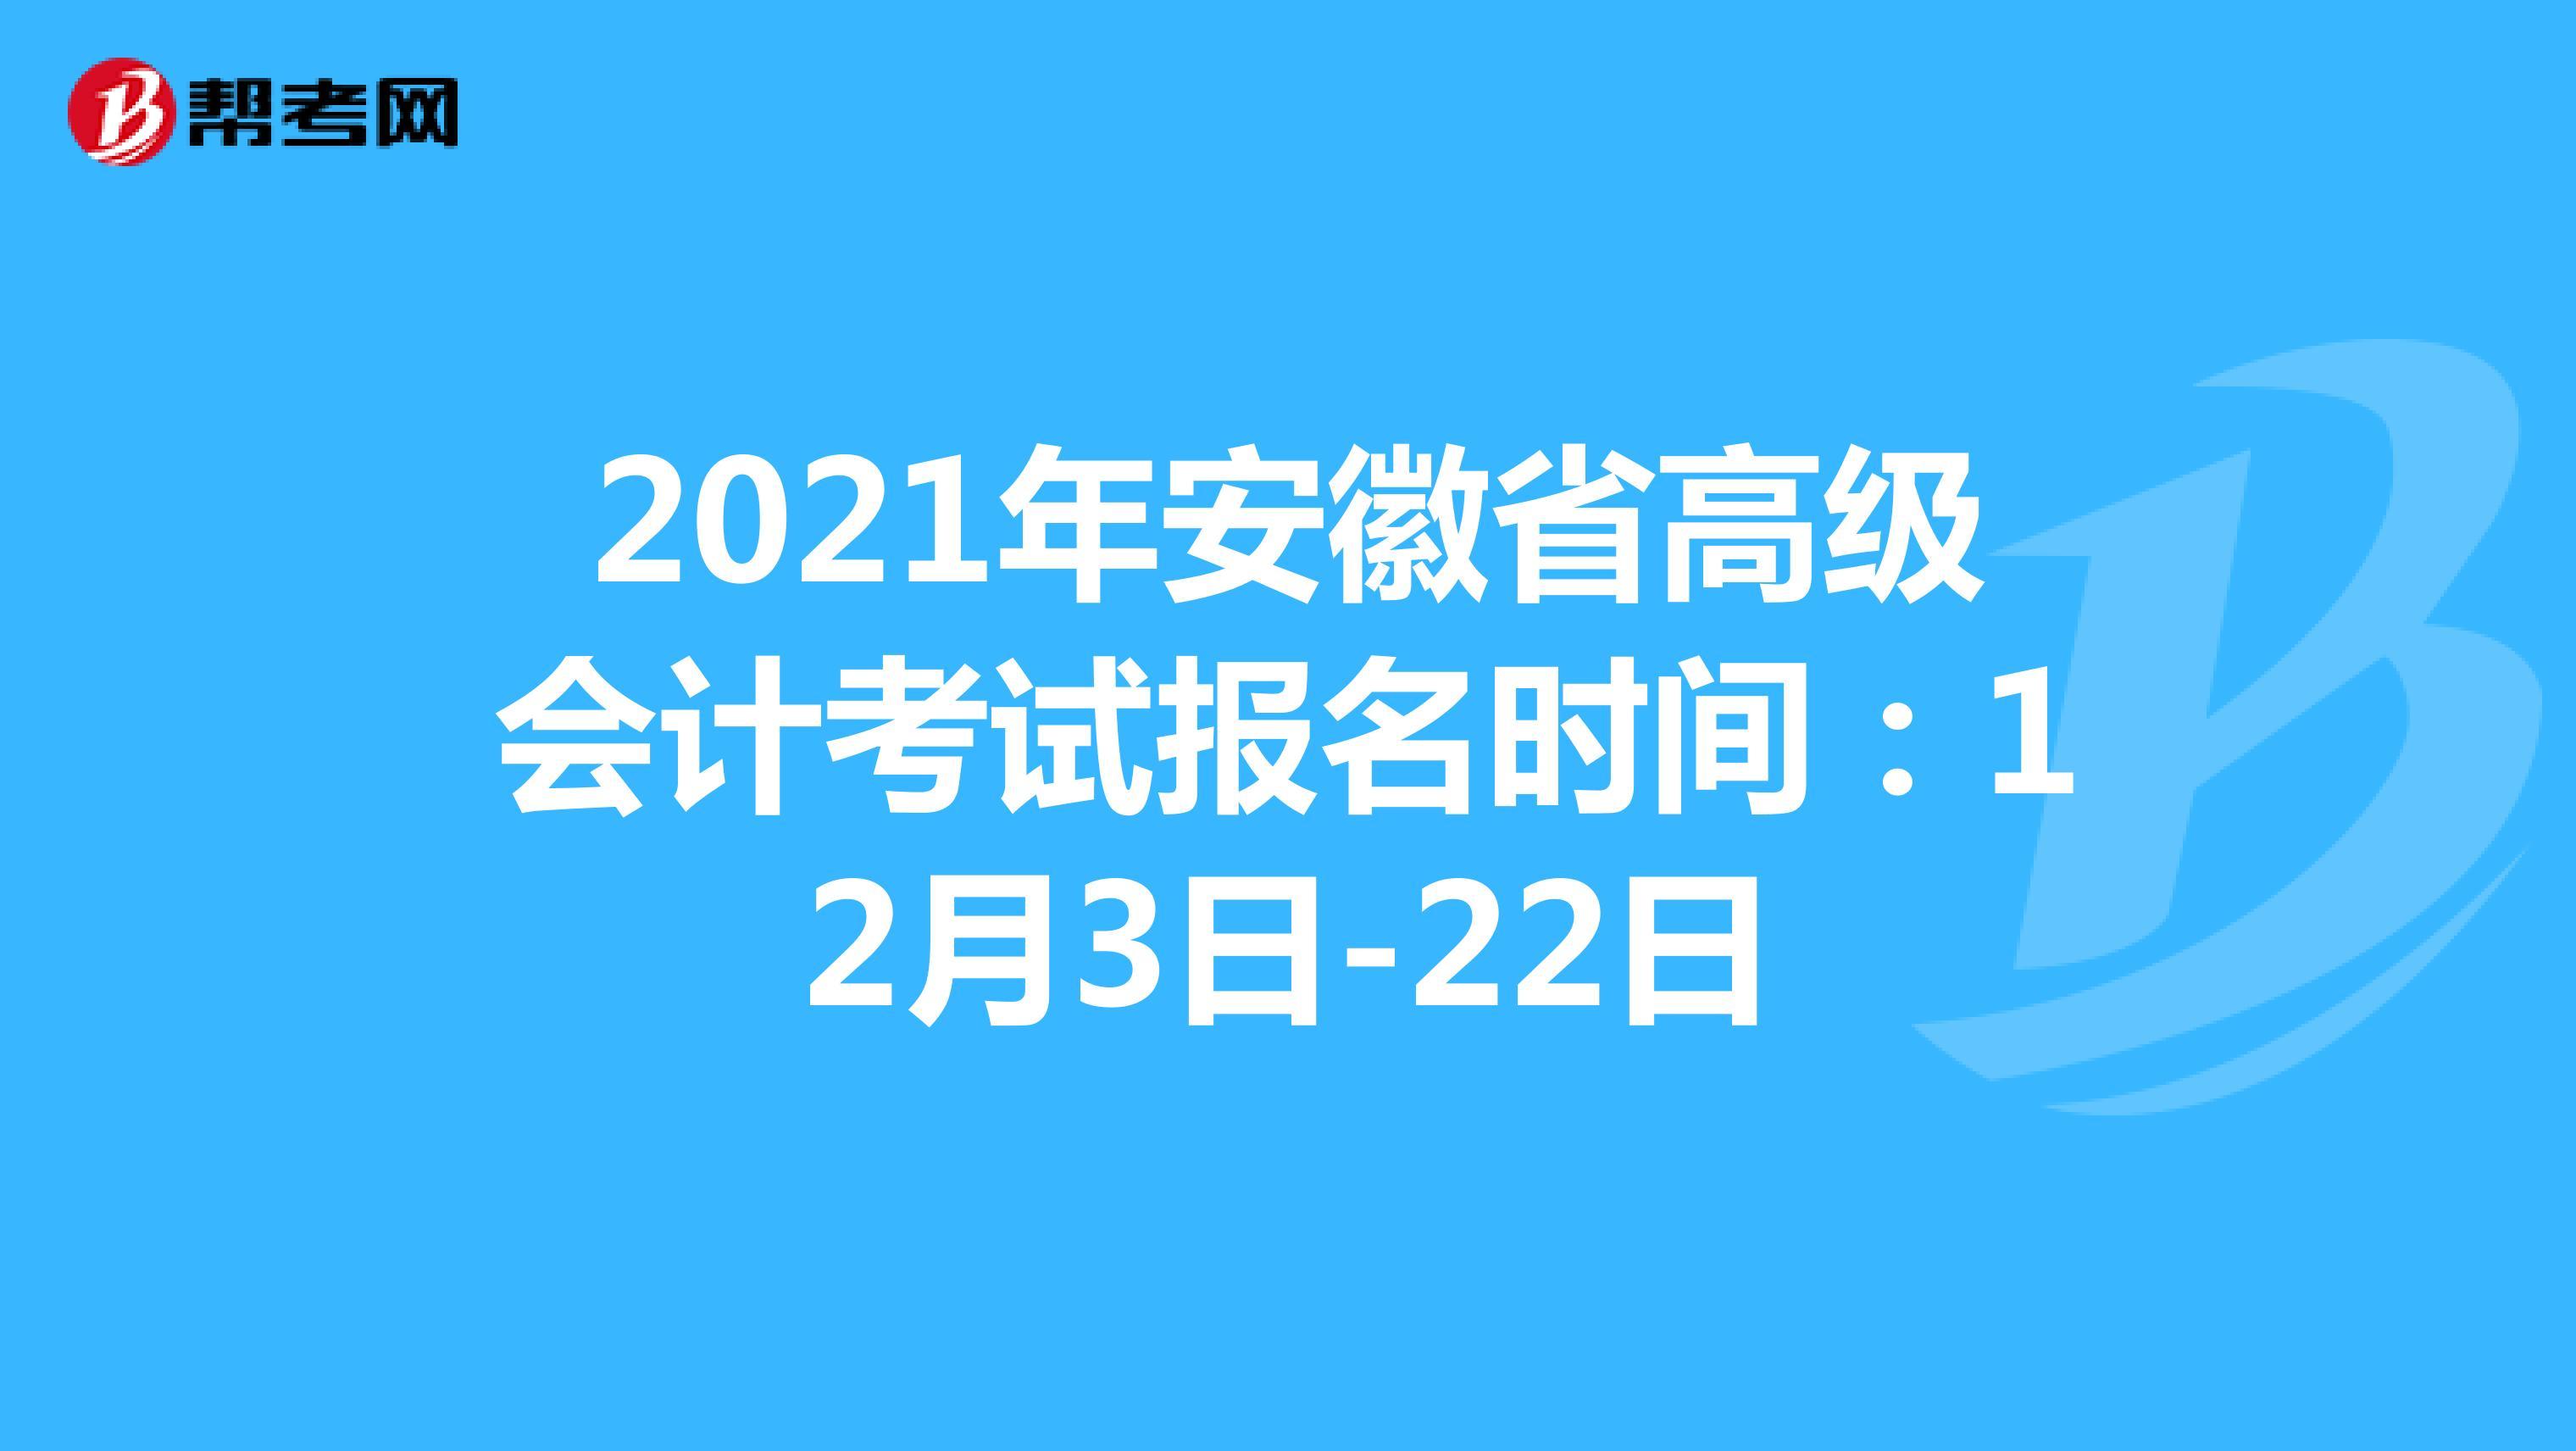 2021年安徽省高级会计考试报名时间:12月3日-22日